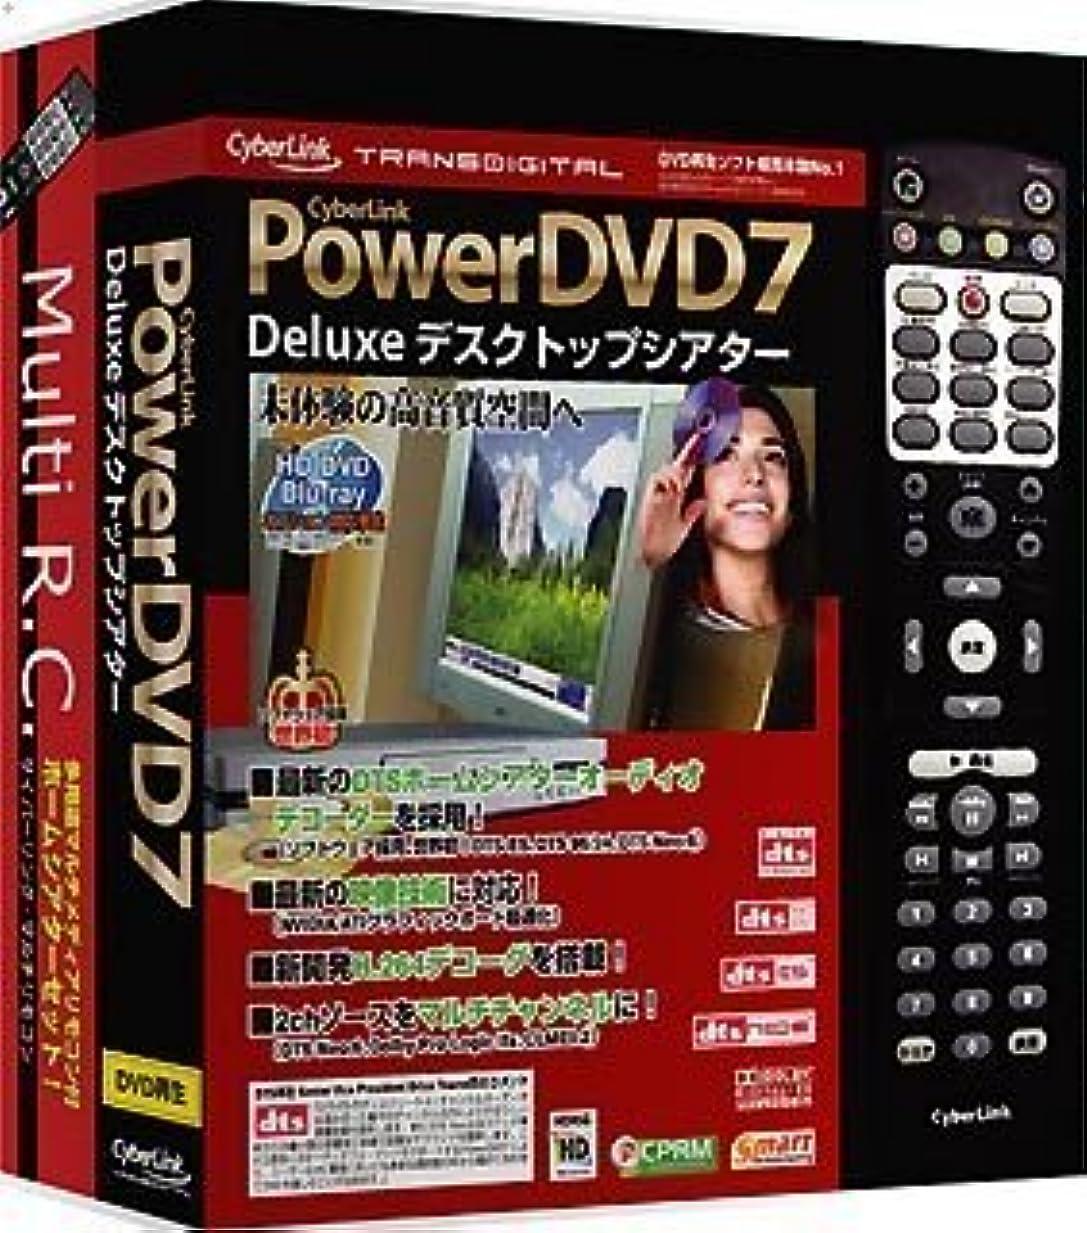 合法ペック導出PowerDVD 7 DX デスクトップシアター マルチリモコン版